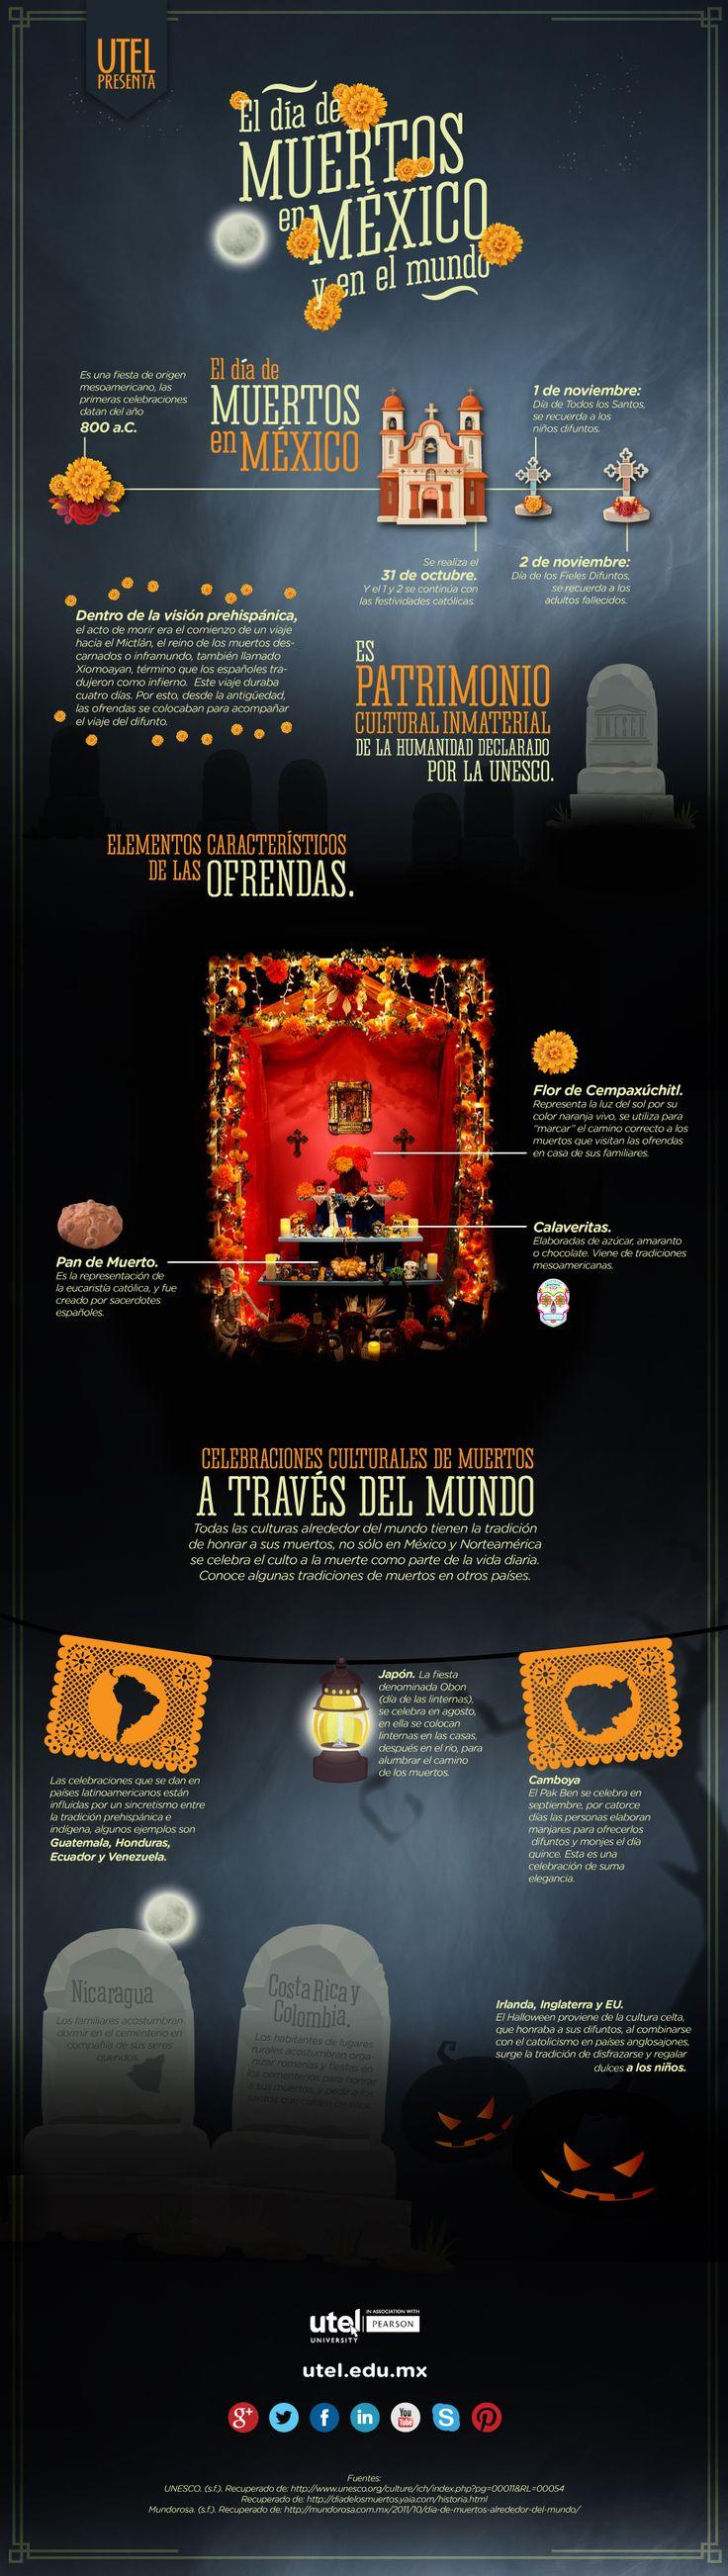 #Infografia #Curiosidades dia de muertos, México y el Mundo. #TAVnews